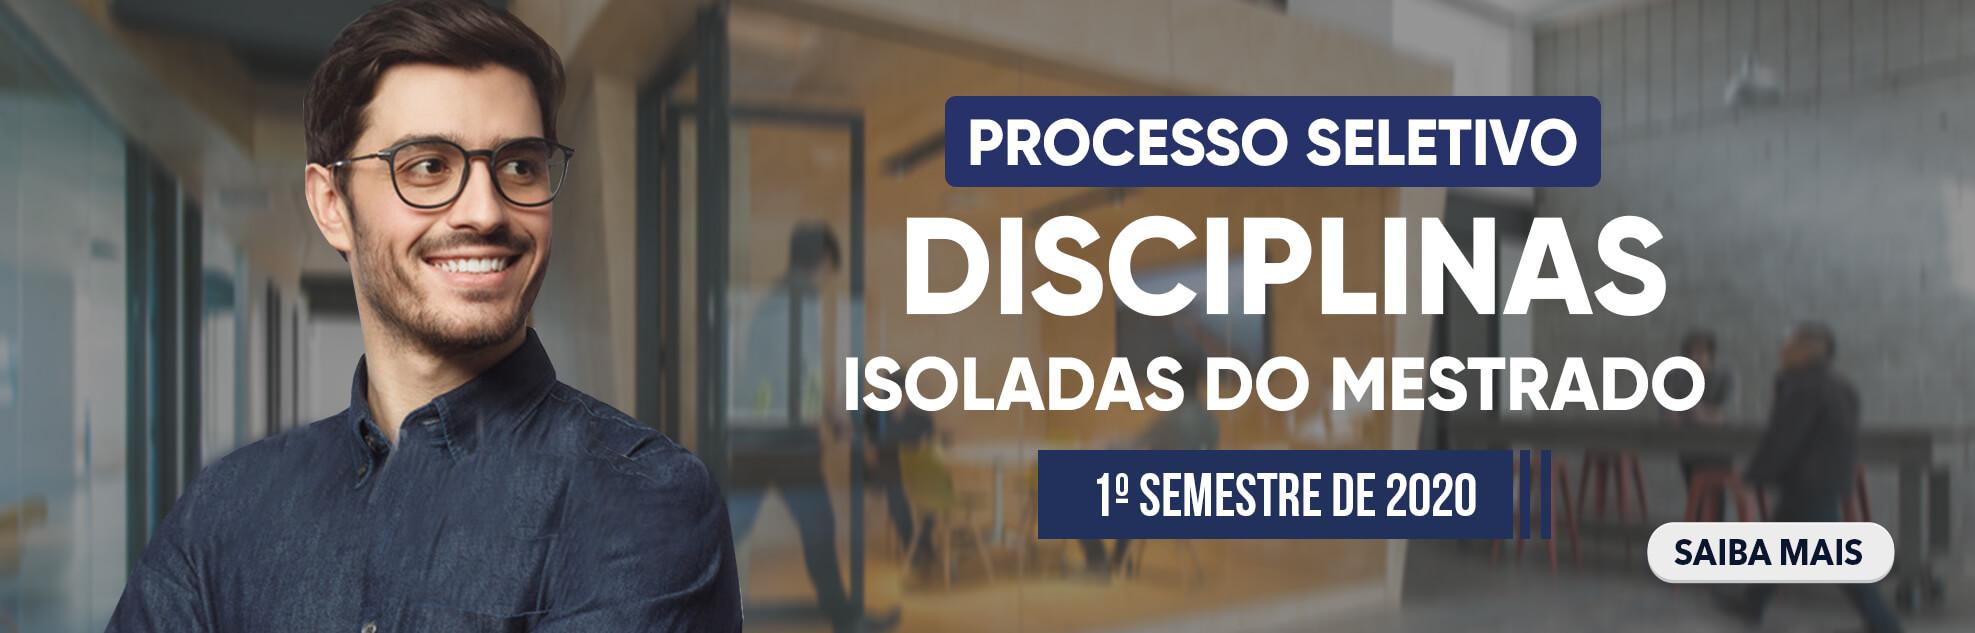 PROCESSO SELETIVO PARA DISCIPLINAS ISOLADAS DO MESTRADO - 1º SEMESTRE DE 2020